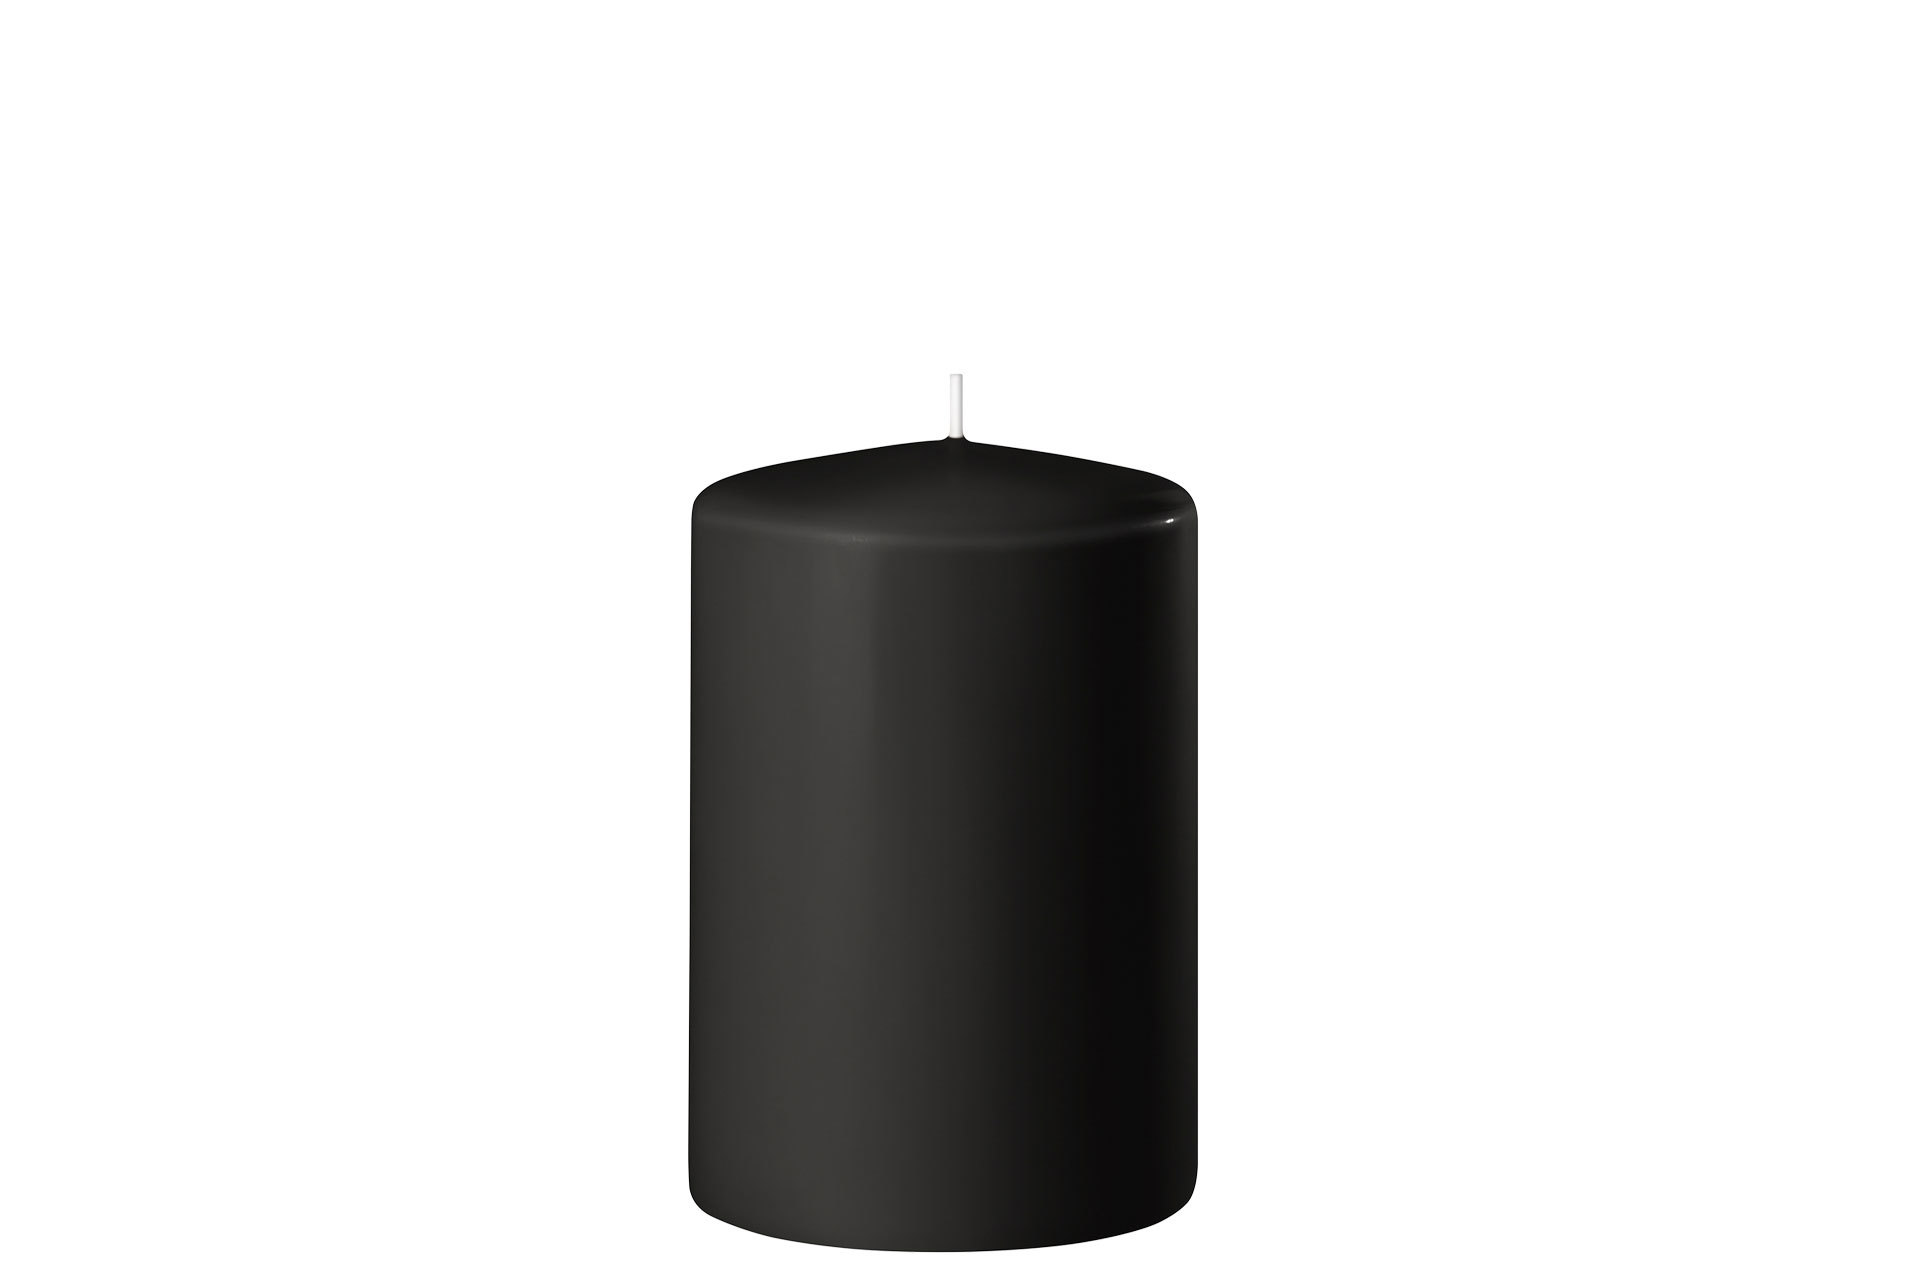 Pöytäkynttilä Musta, A Lot, 2 eri kokoa